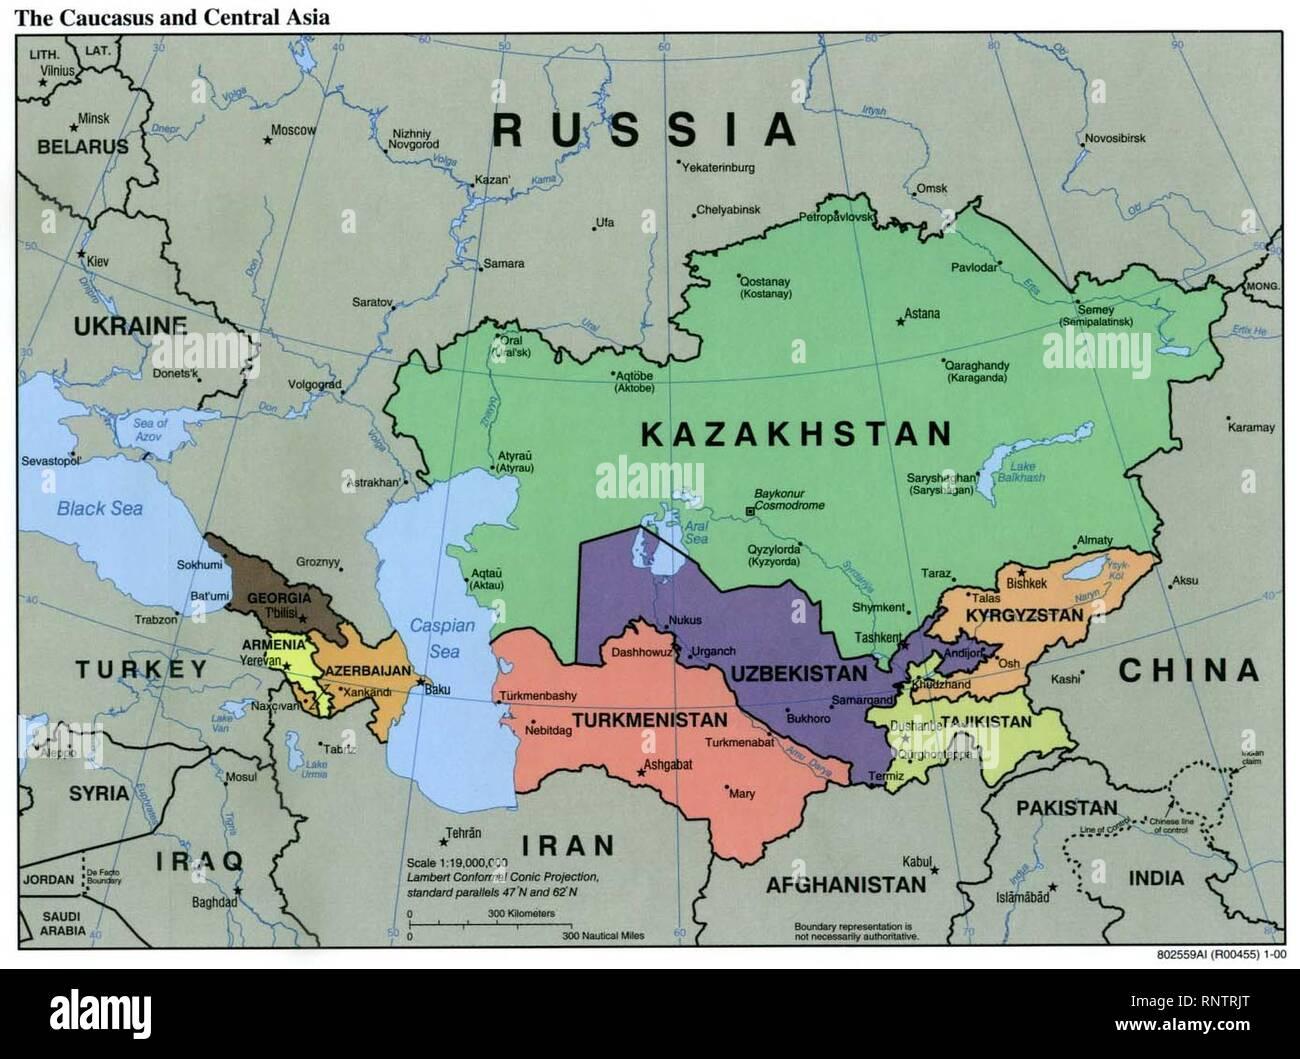 Asia Politica Cartina.Caucasus Central Asia Political Map 2000 Stock Photo